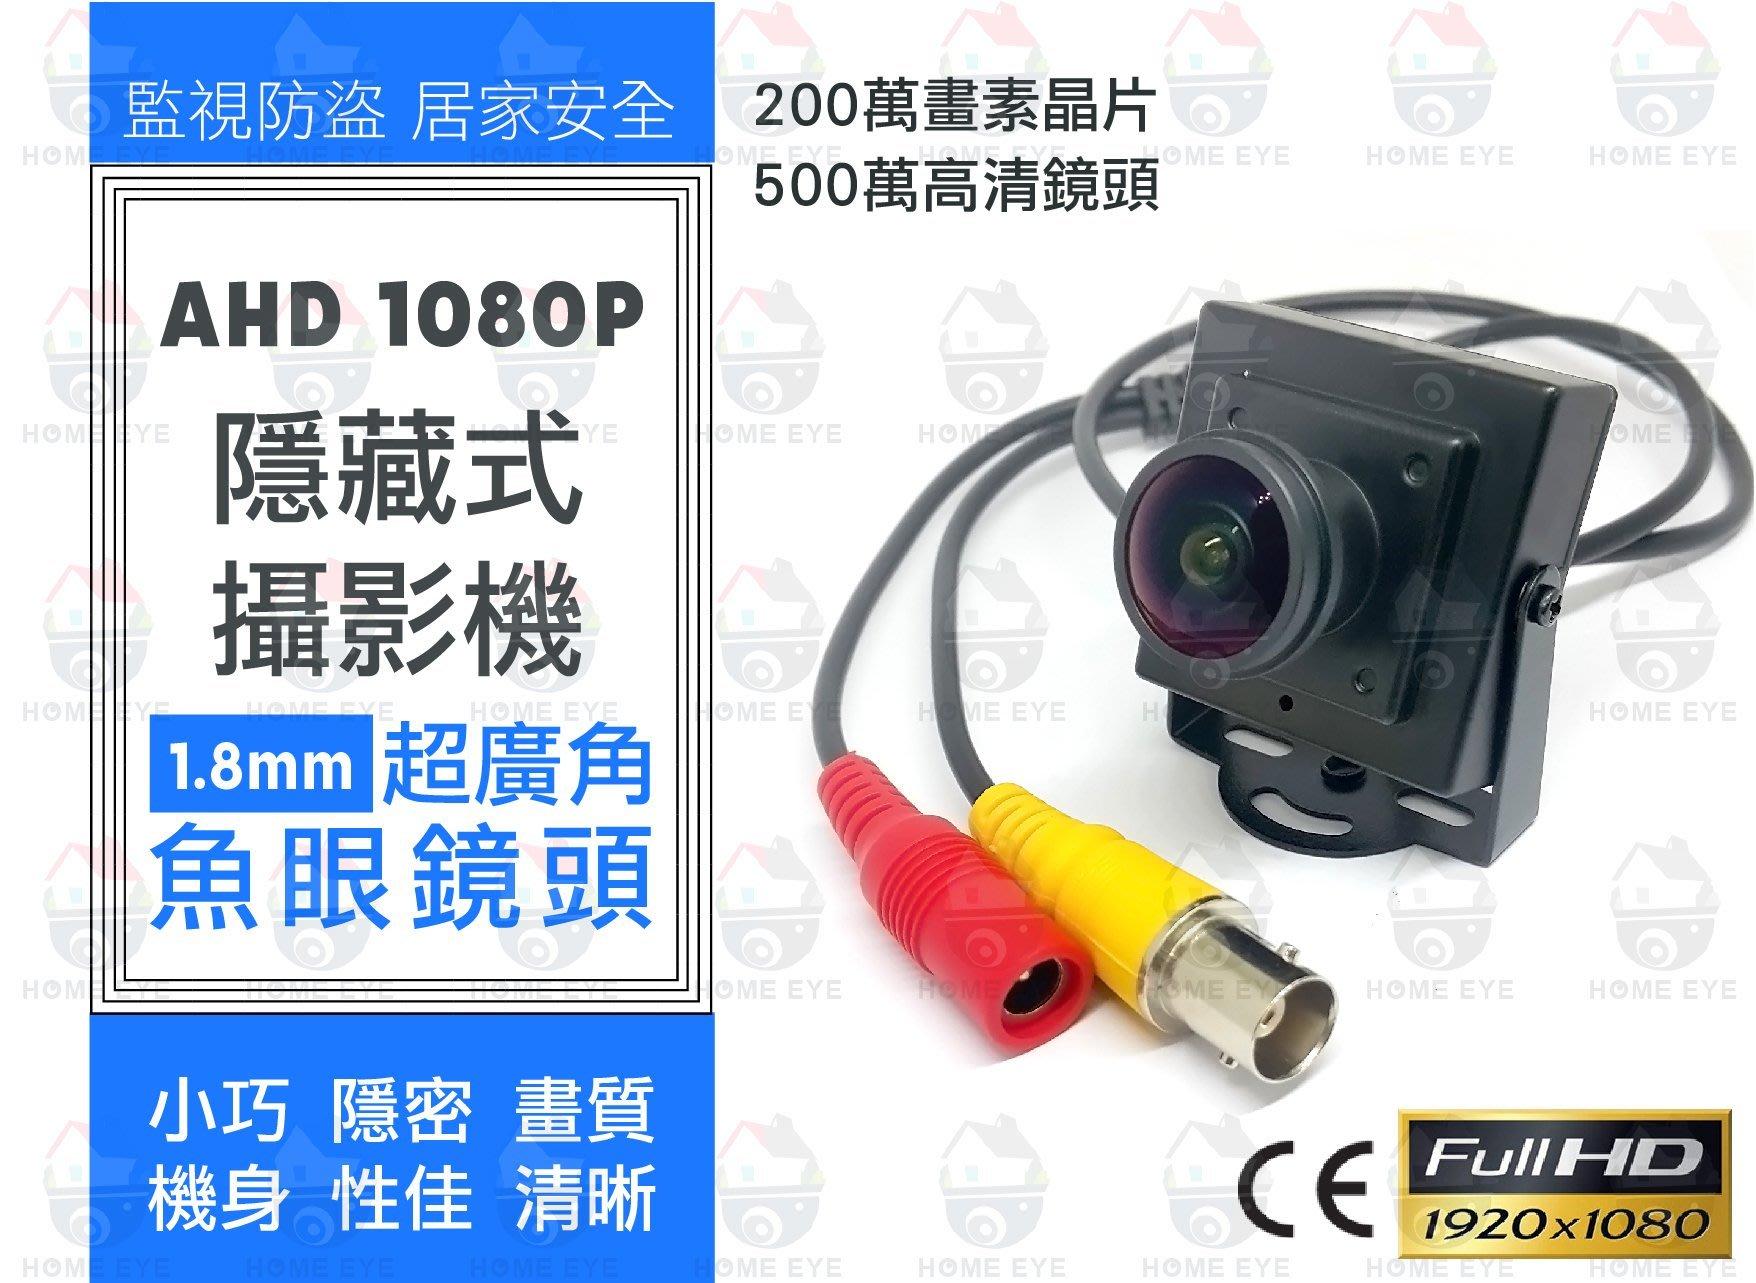 【紅眼科技】 500萬 鏡頭1.8mm 魚眼 超廣角 針孔攝影機 200萬畫素 AHD 高清 隱藏監視器 提款機監控